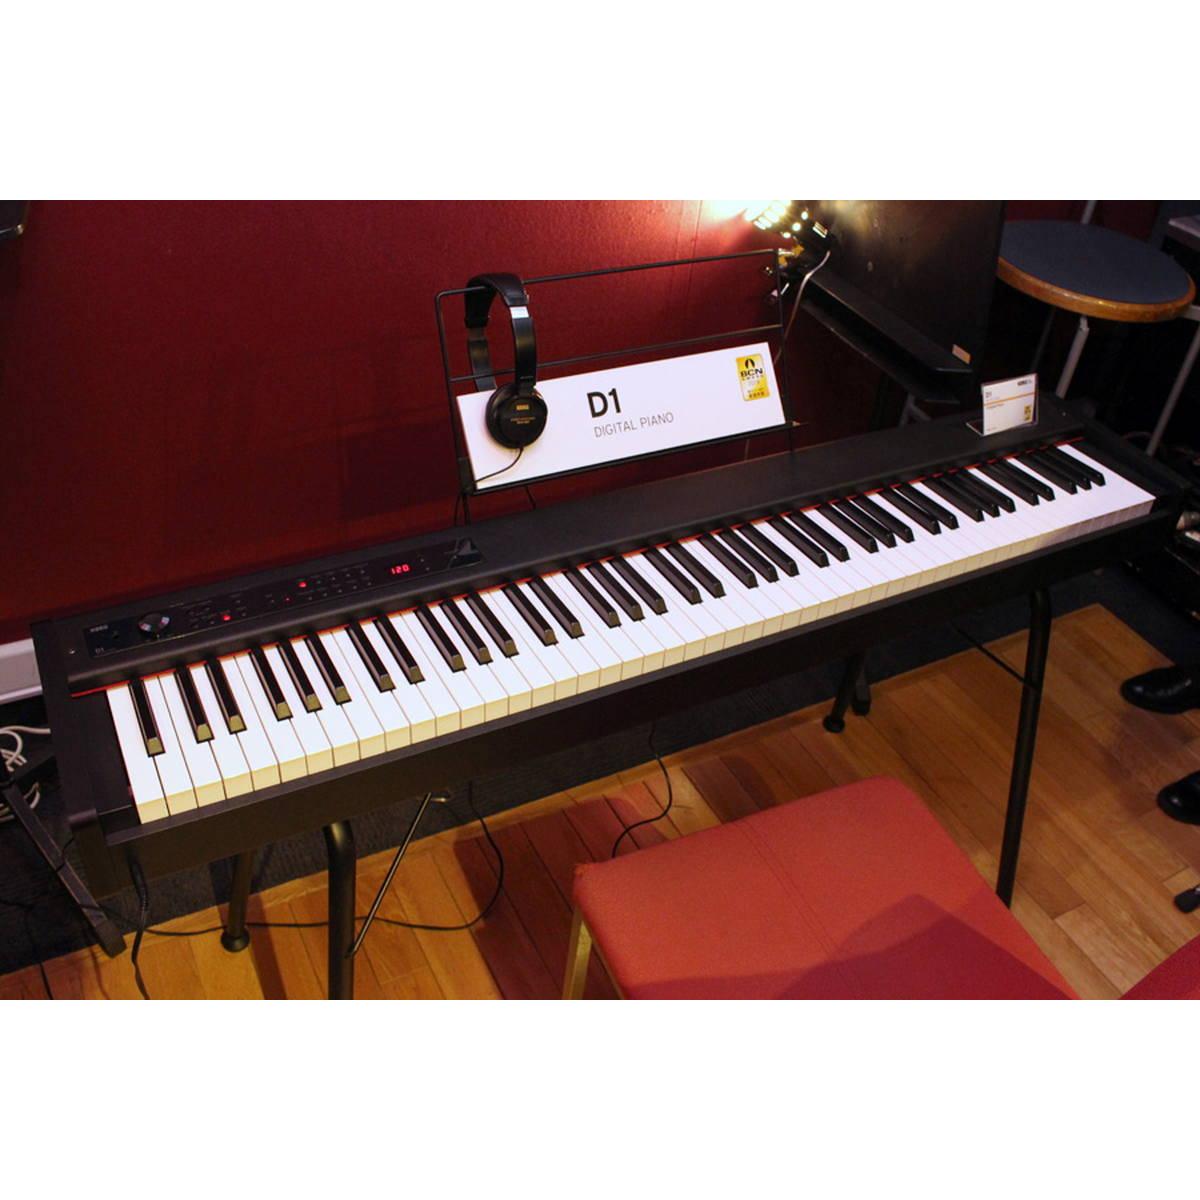 極限までスリム化にこだわった! コルグのポータブル電子ピアノ「D1」